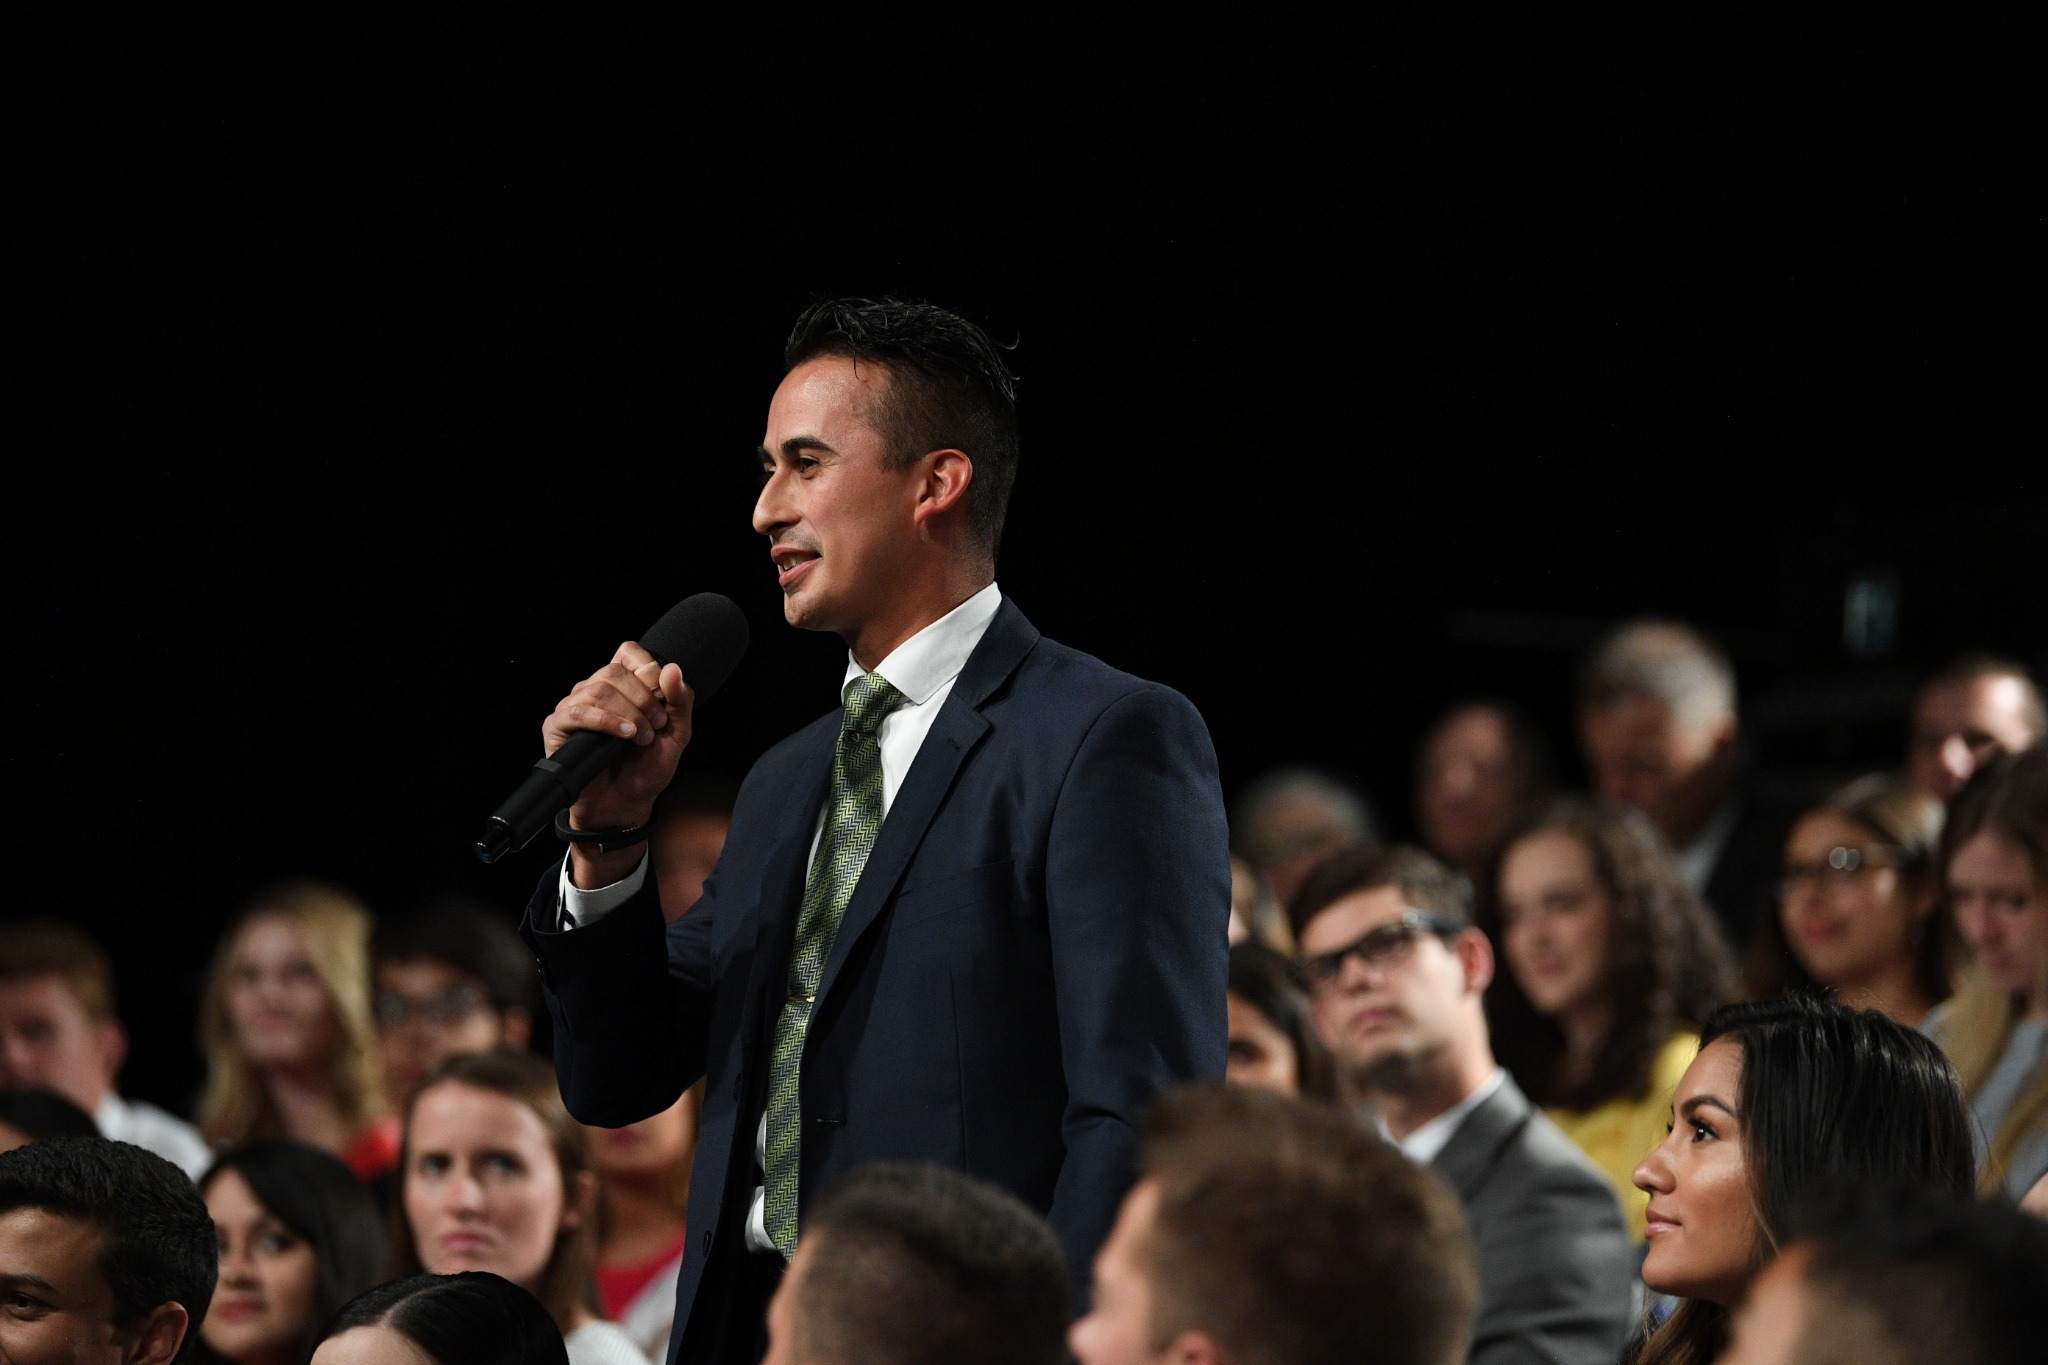 Jovens adultos na plateia da transmissão Cara a Cara fazem perguntas aos dois líderes da Igreja em 15 de setembro de 2019.